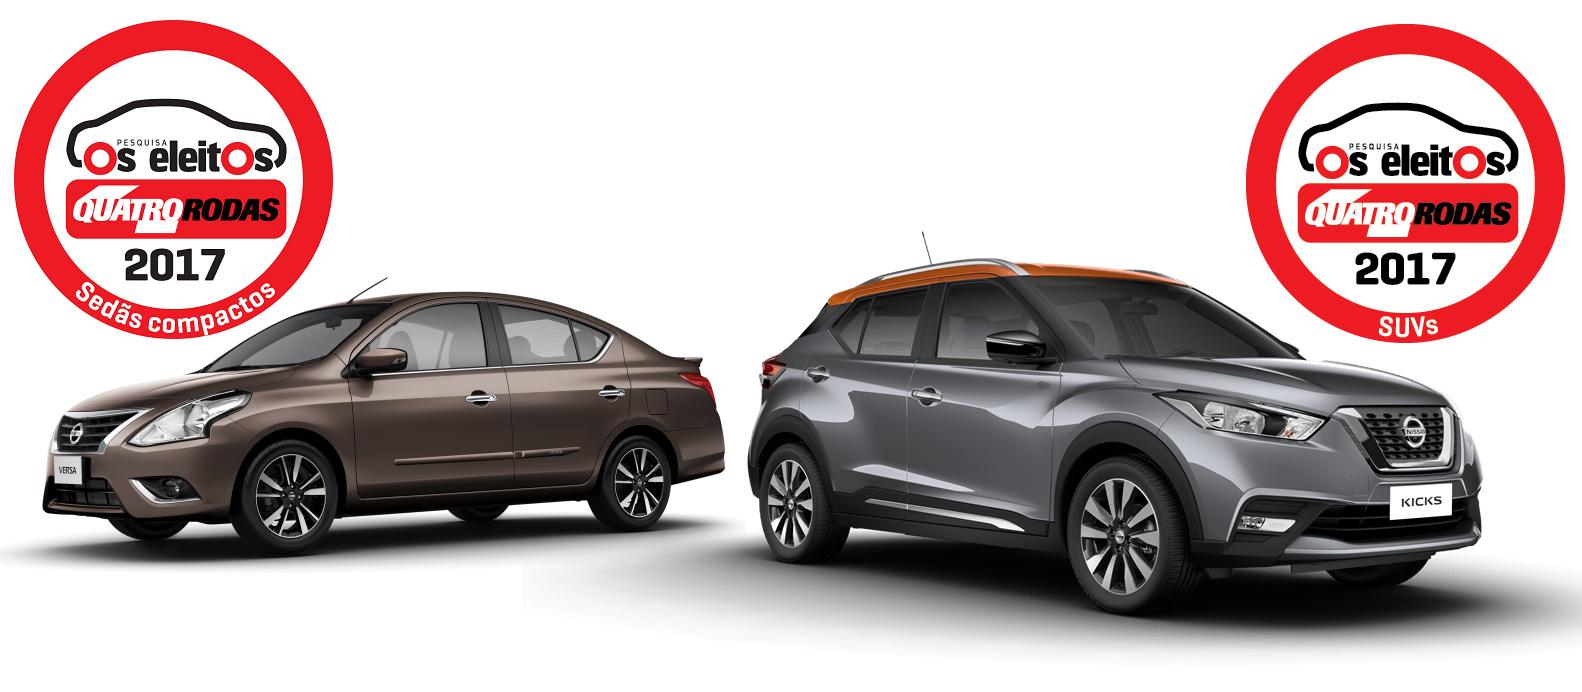 Nissan Kicks e Versa são eleitos os carros com maior índice de satisfação de suas categorias